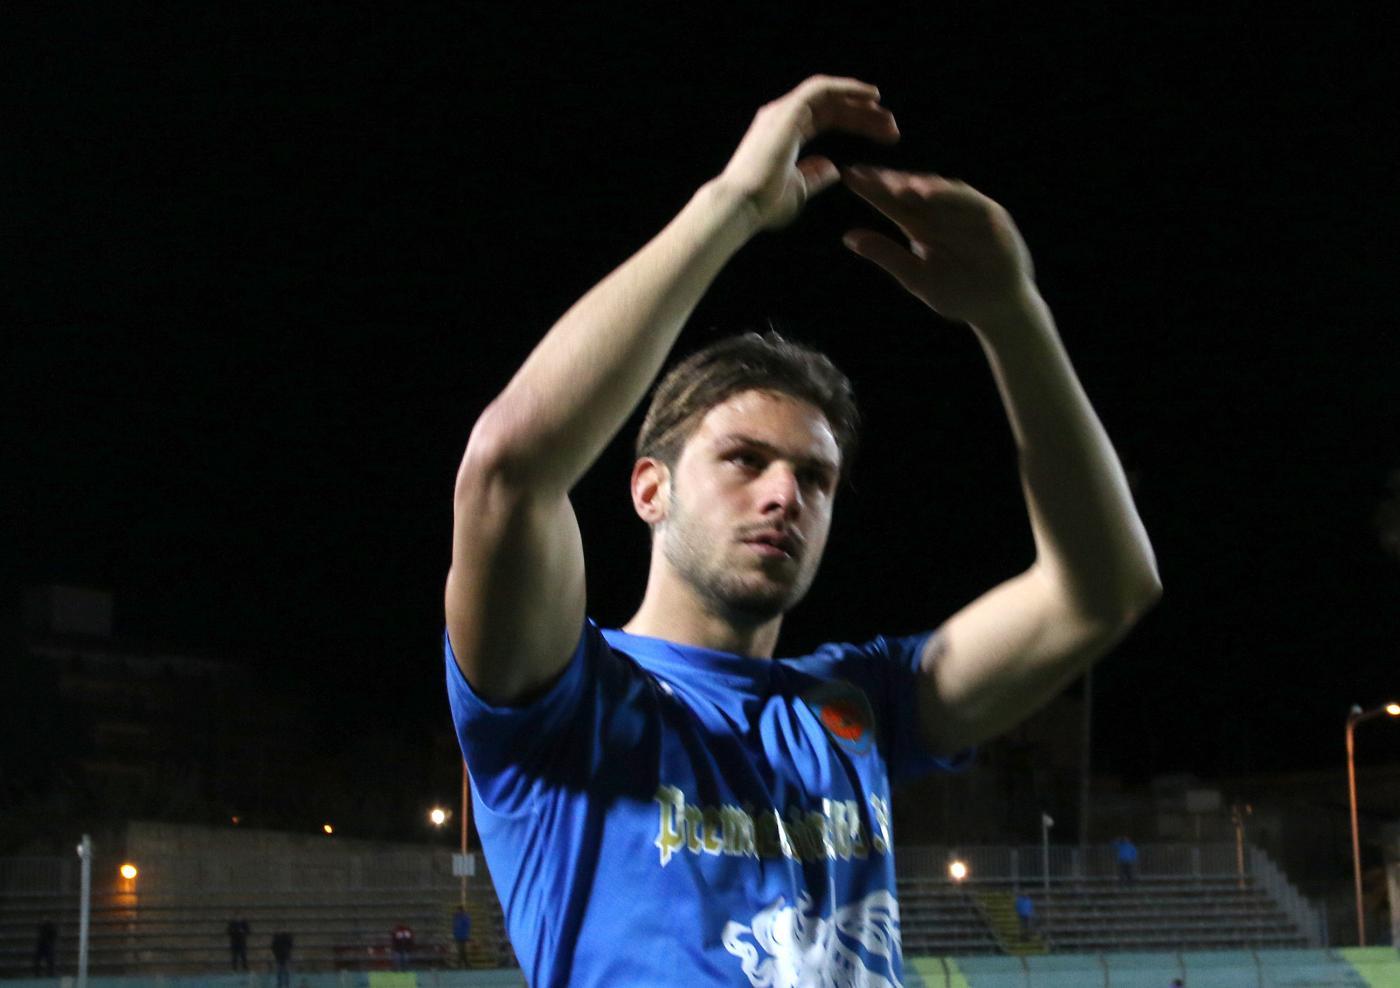 Serie C, Siracusa-Rende giovedì 18 ottobre: analisi e pronostico del posticipo della settima giornata della terza divisione italiana